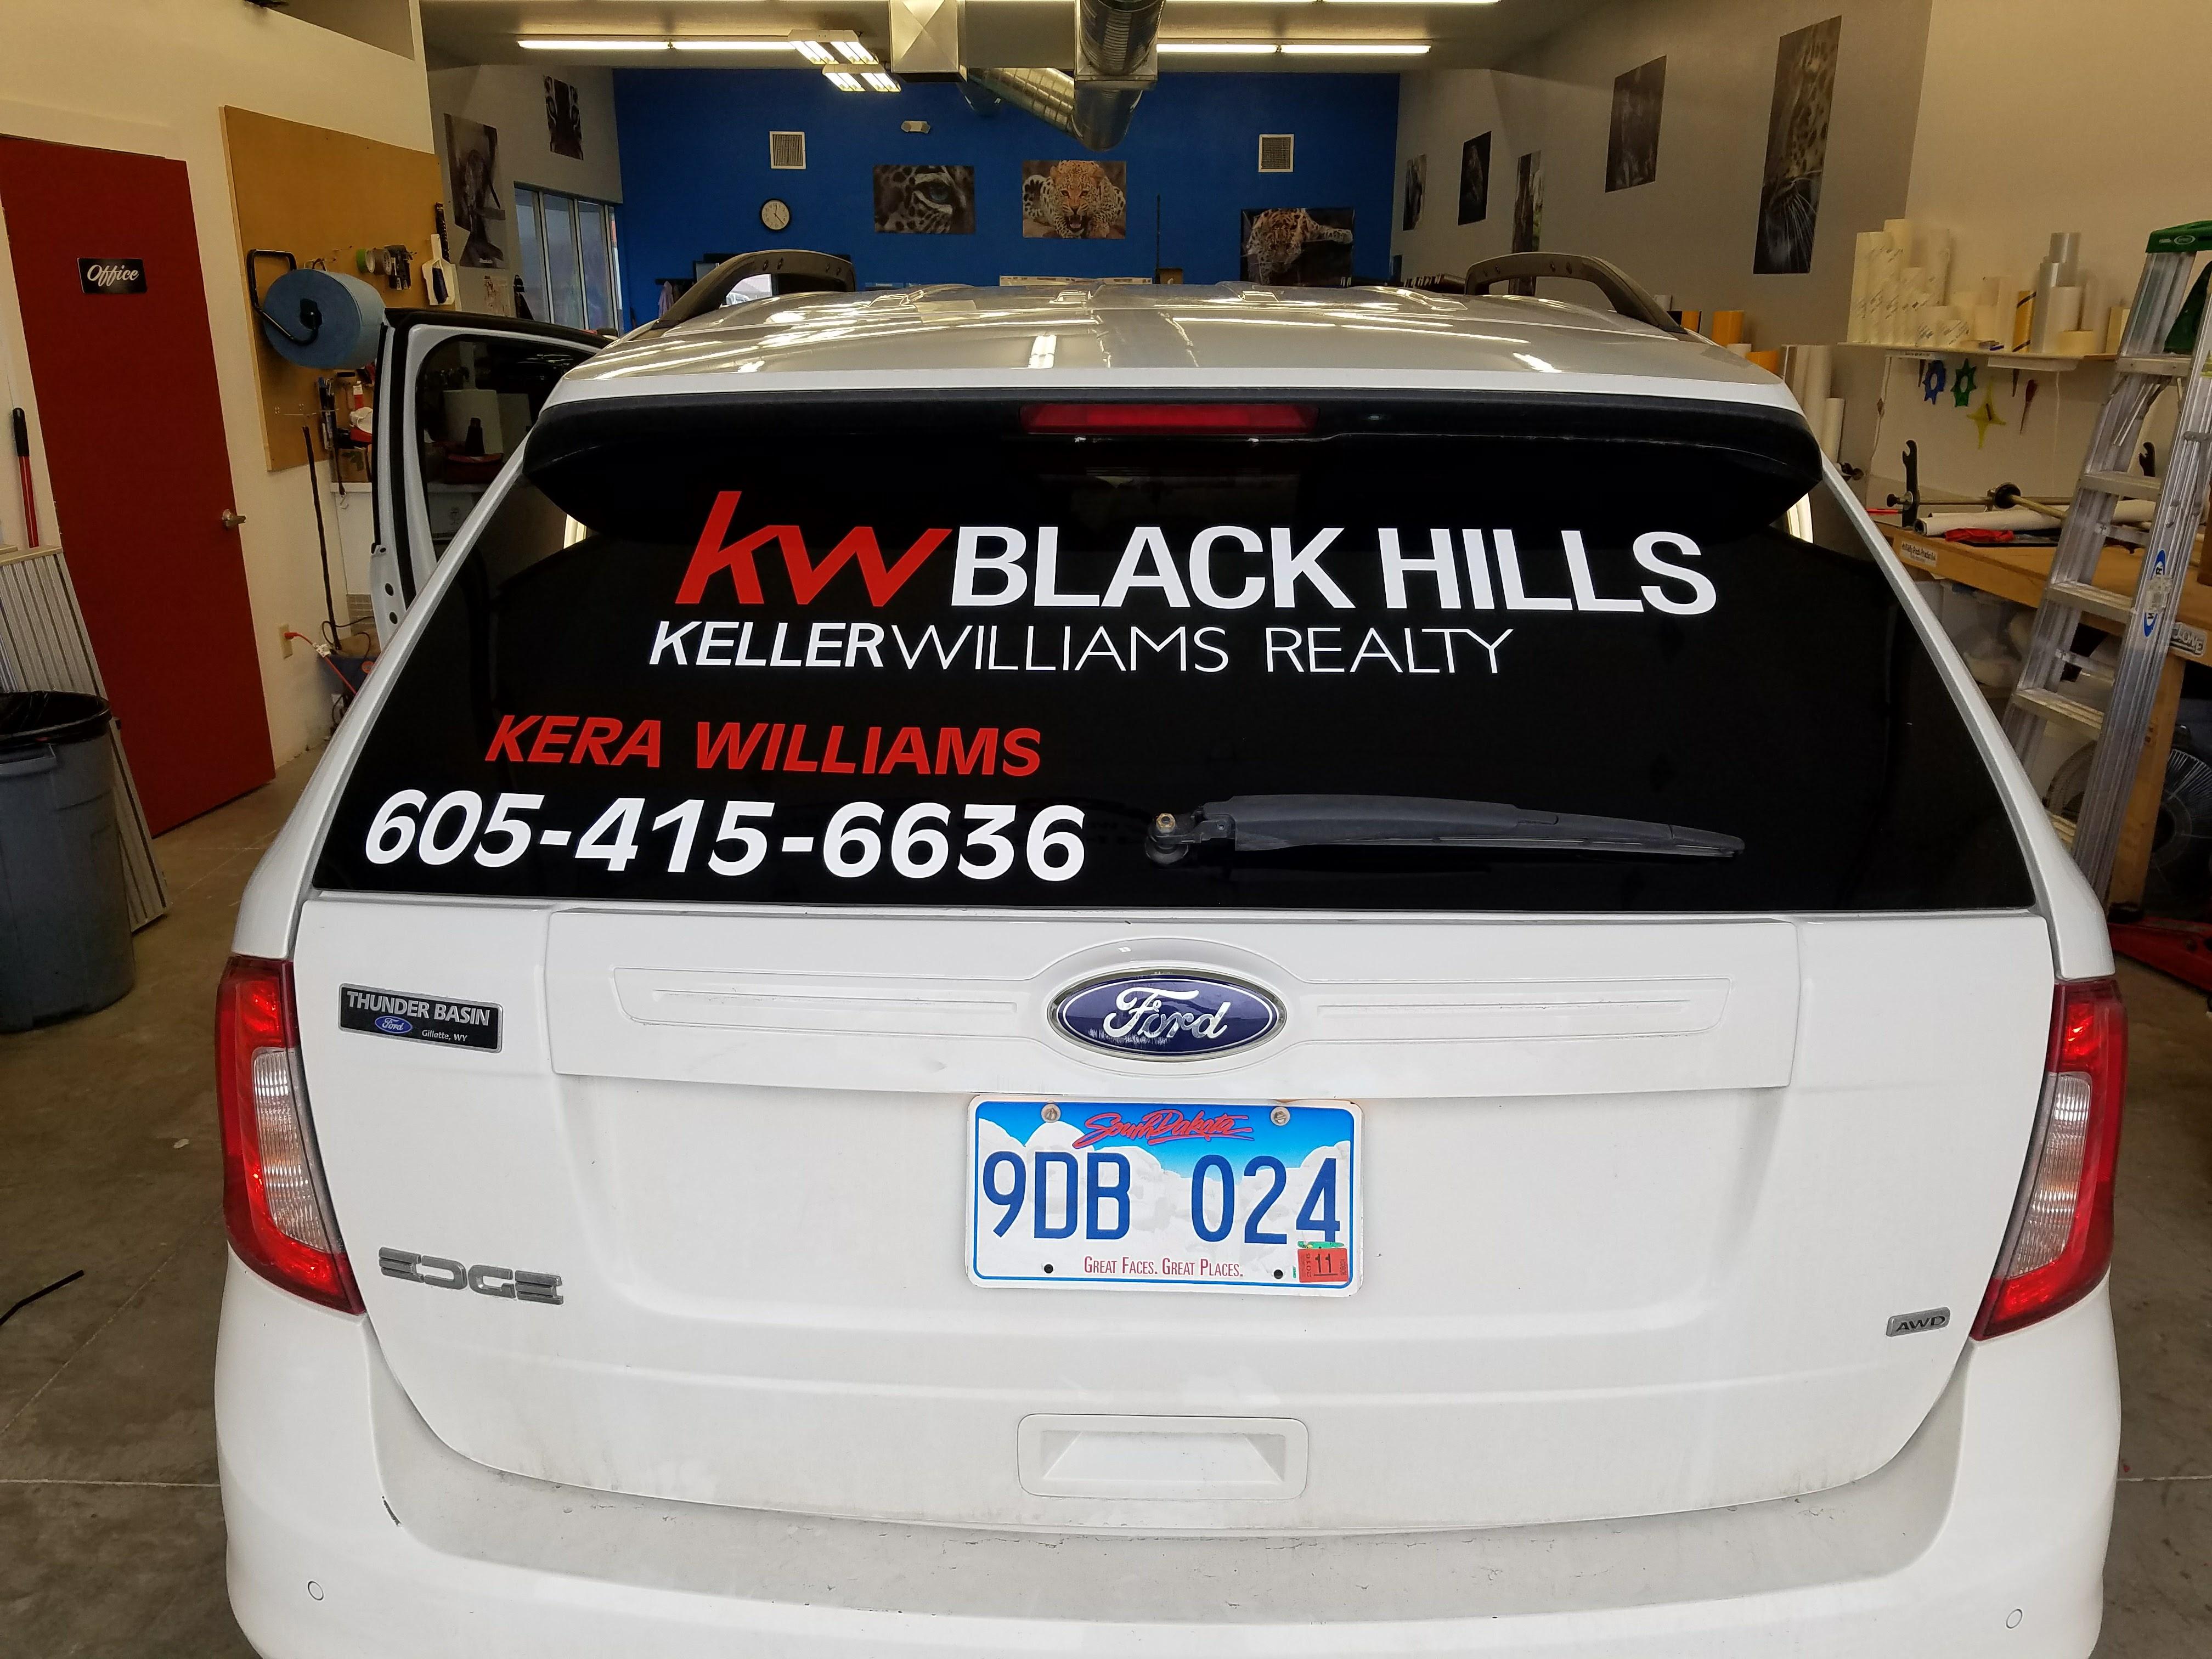 KW Black Hills